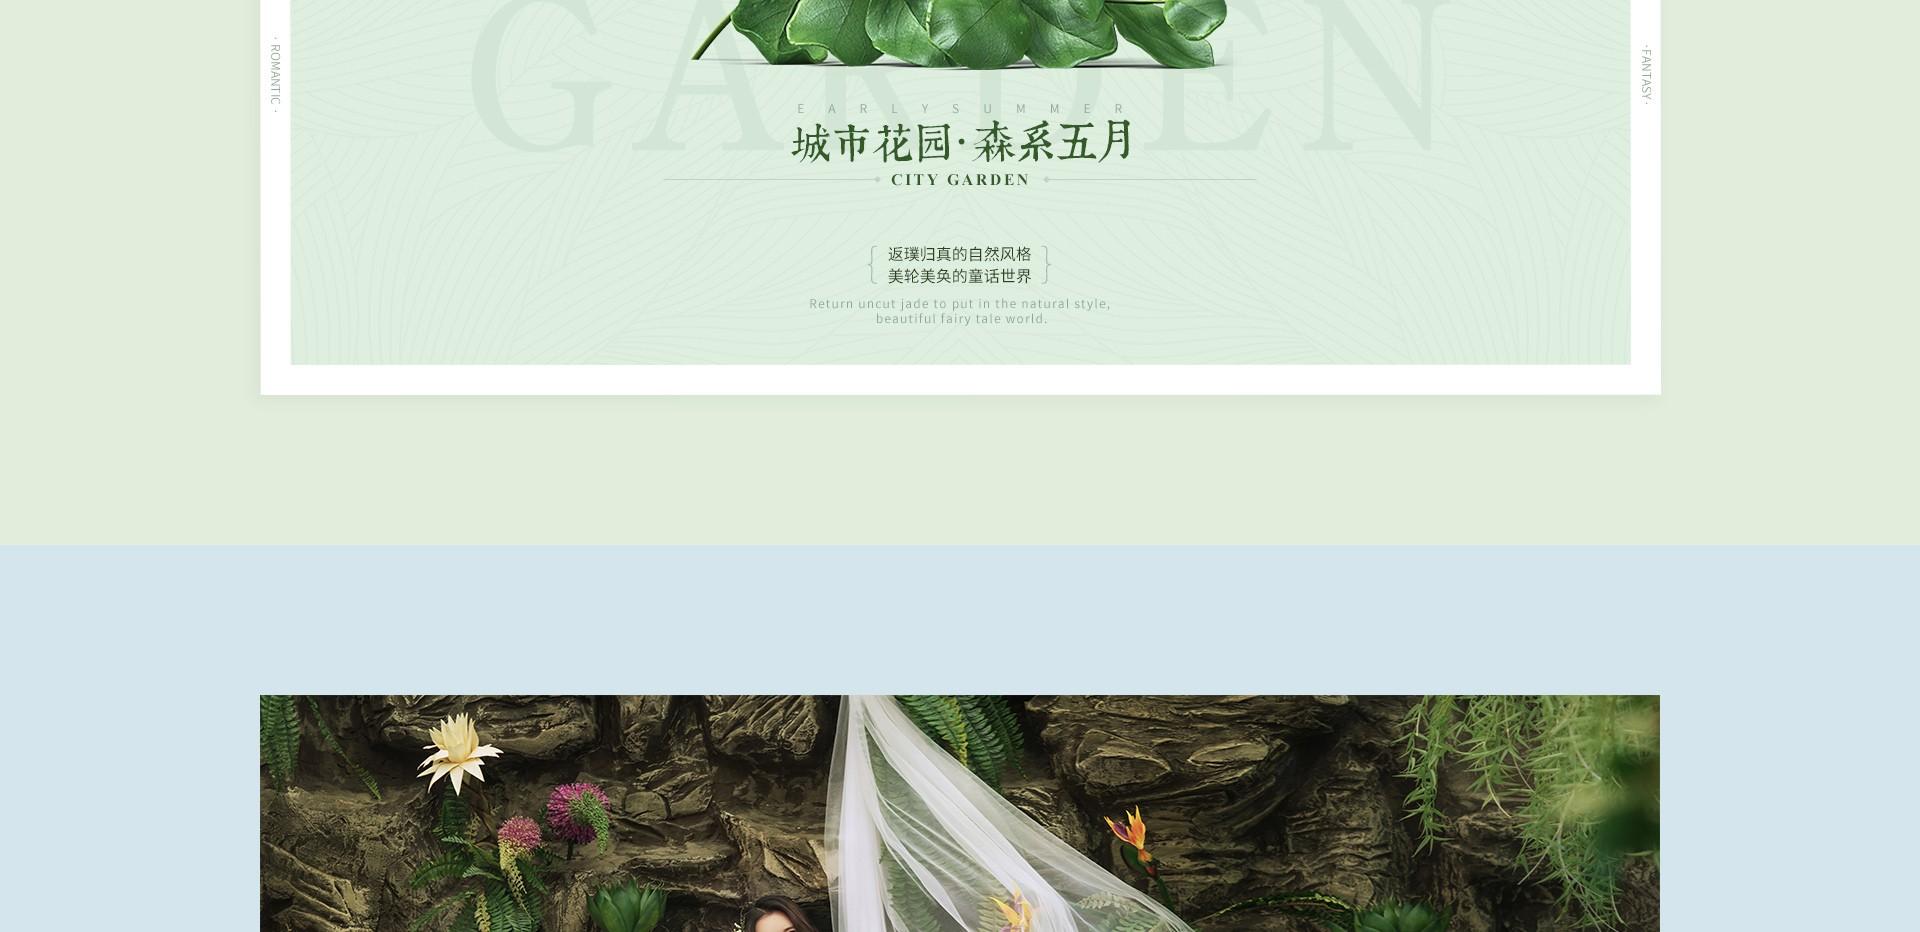 城市花园专题页设计5_03.jpg